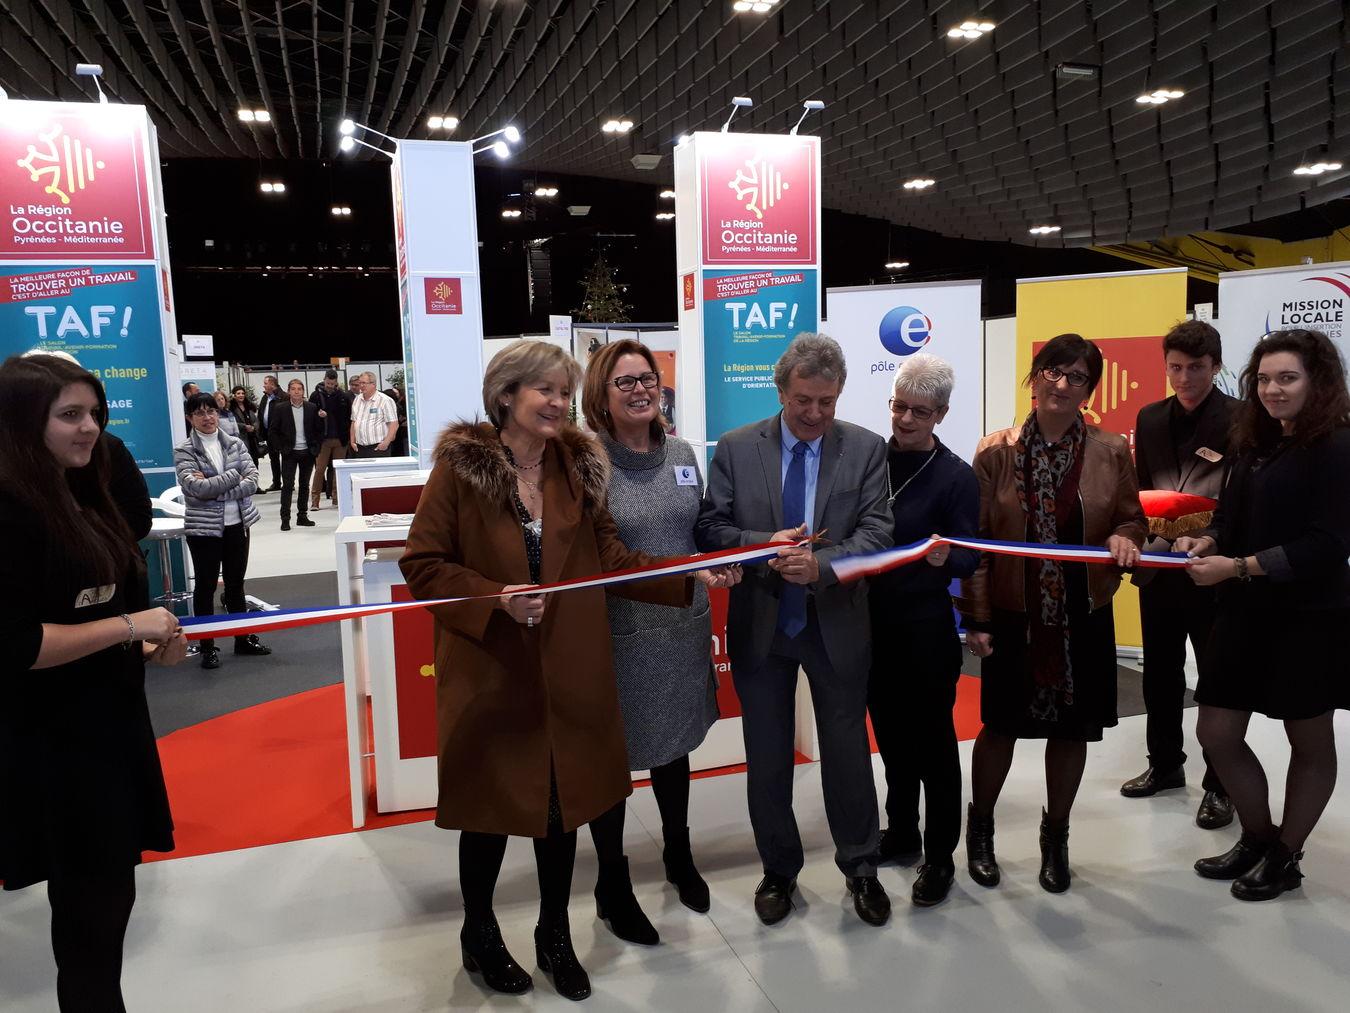 Inauguration du 11e salon de l 39 emploi taf jeudi 18 - Salon du taf perpignan ...